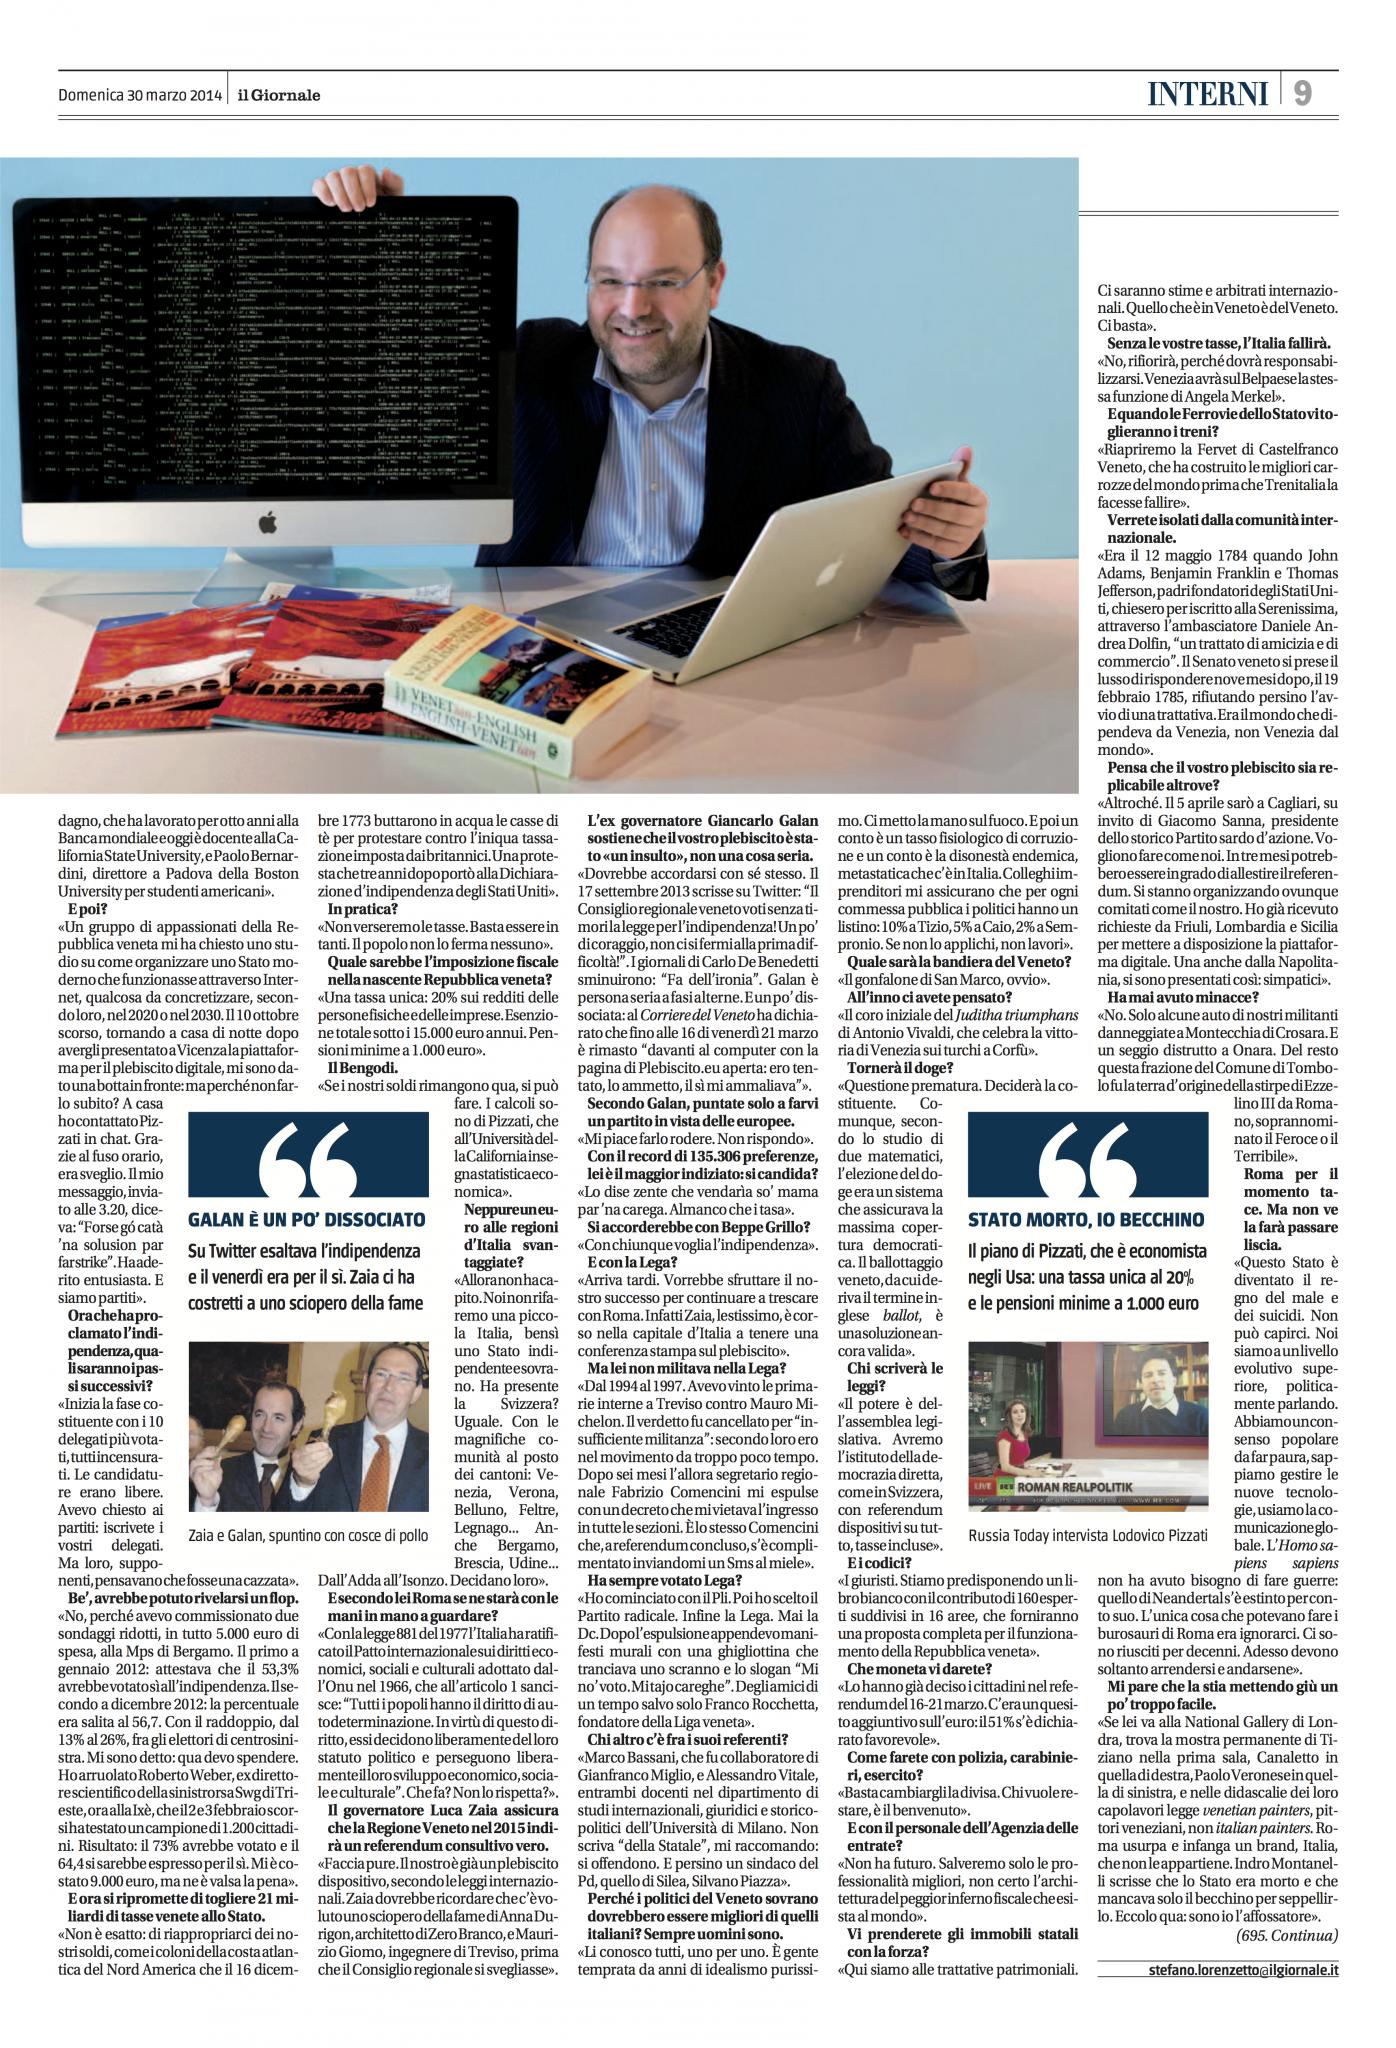 """Pubblichiamo di seguito l'intervista esclusiva concessa da Gianluca Busato a """"Il Giornale"""", che ha dedicato ieri due pagine intere al Referendum di indipendenza del Veneto."""